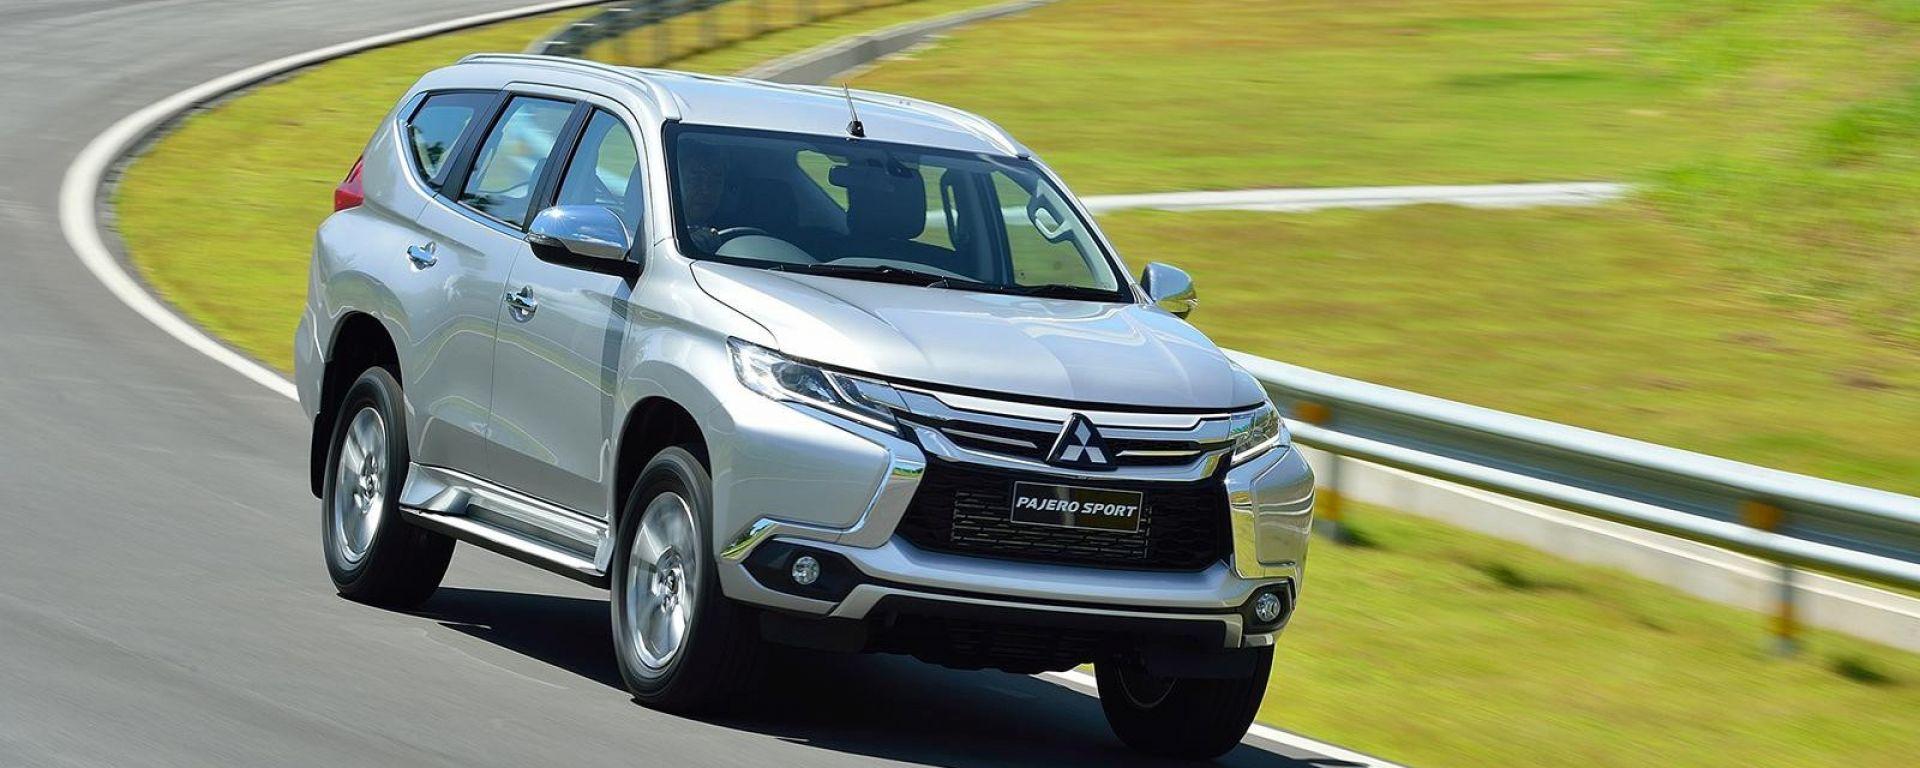 Nuova Mitsubishi Pajero 2019: arriverà anche in Europa